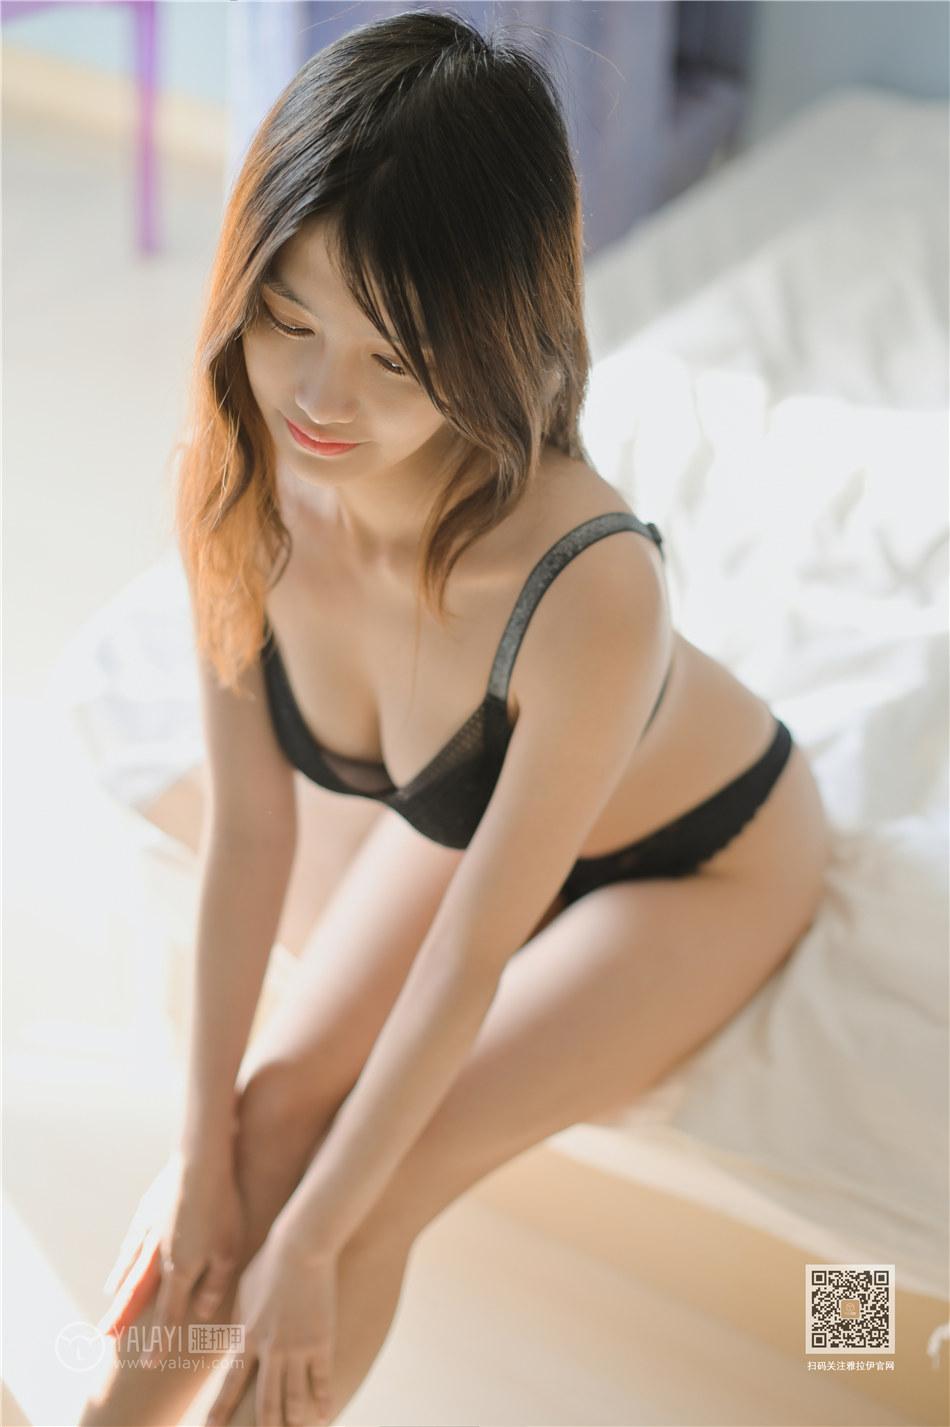 雅拉伊  甜美女孩彤彤性感内衣大胸人体诱惑私房写真  No.431